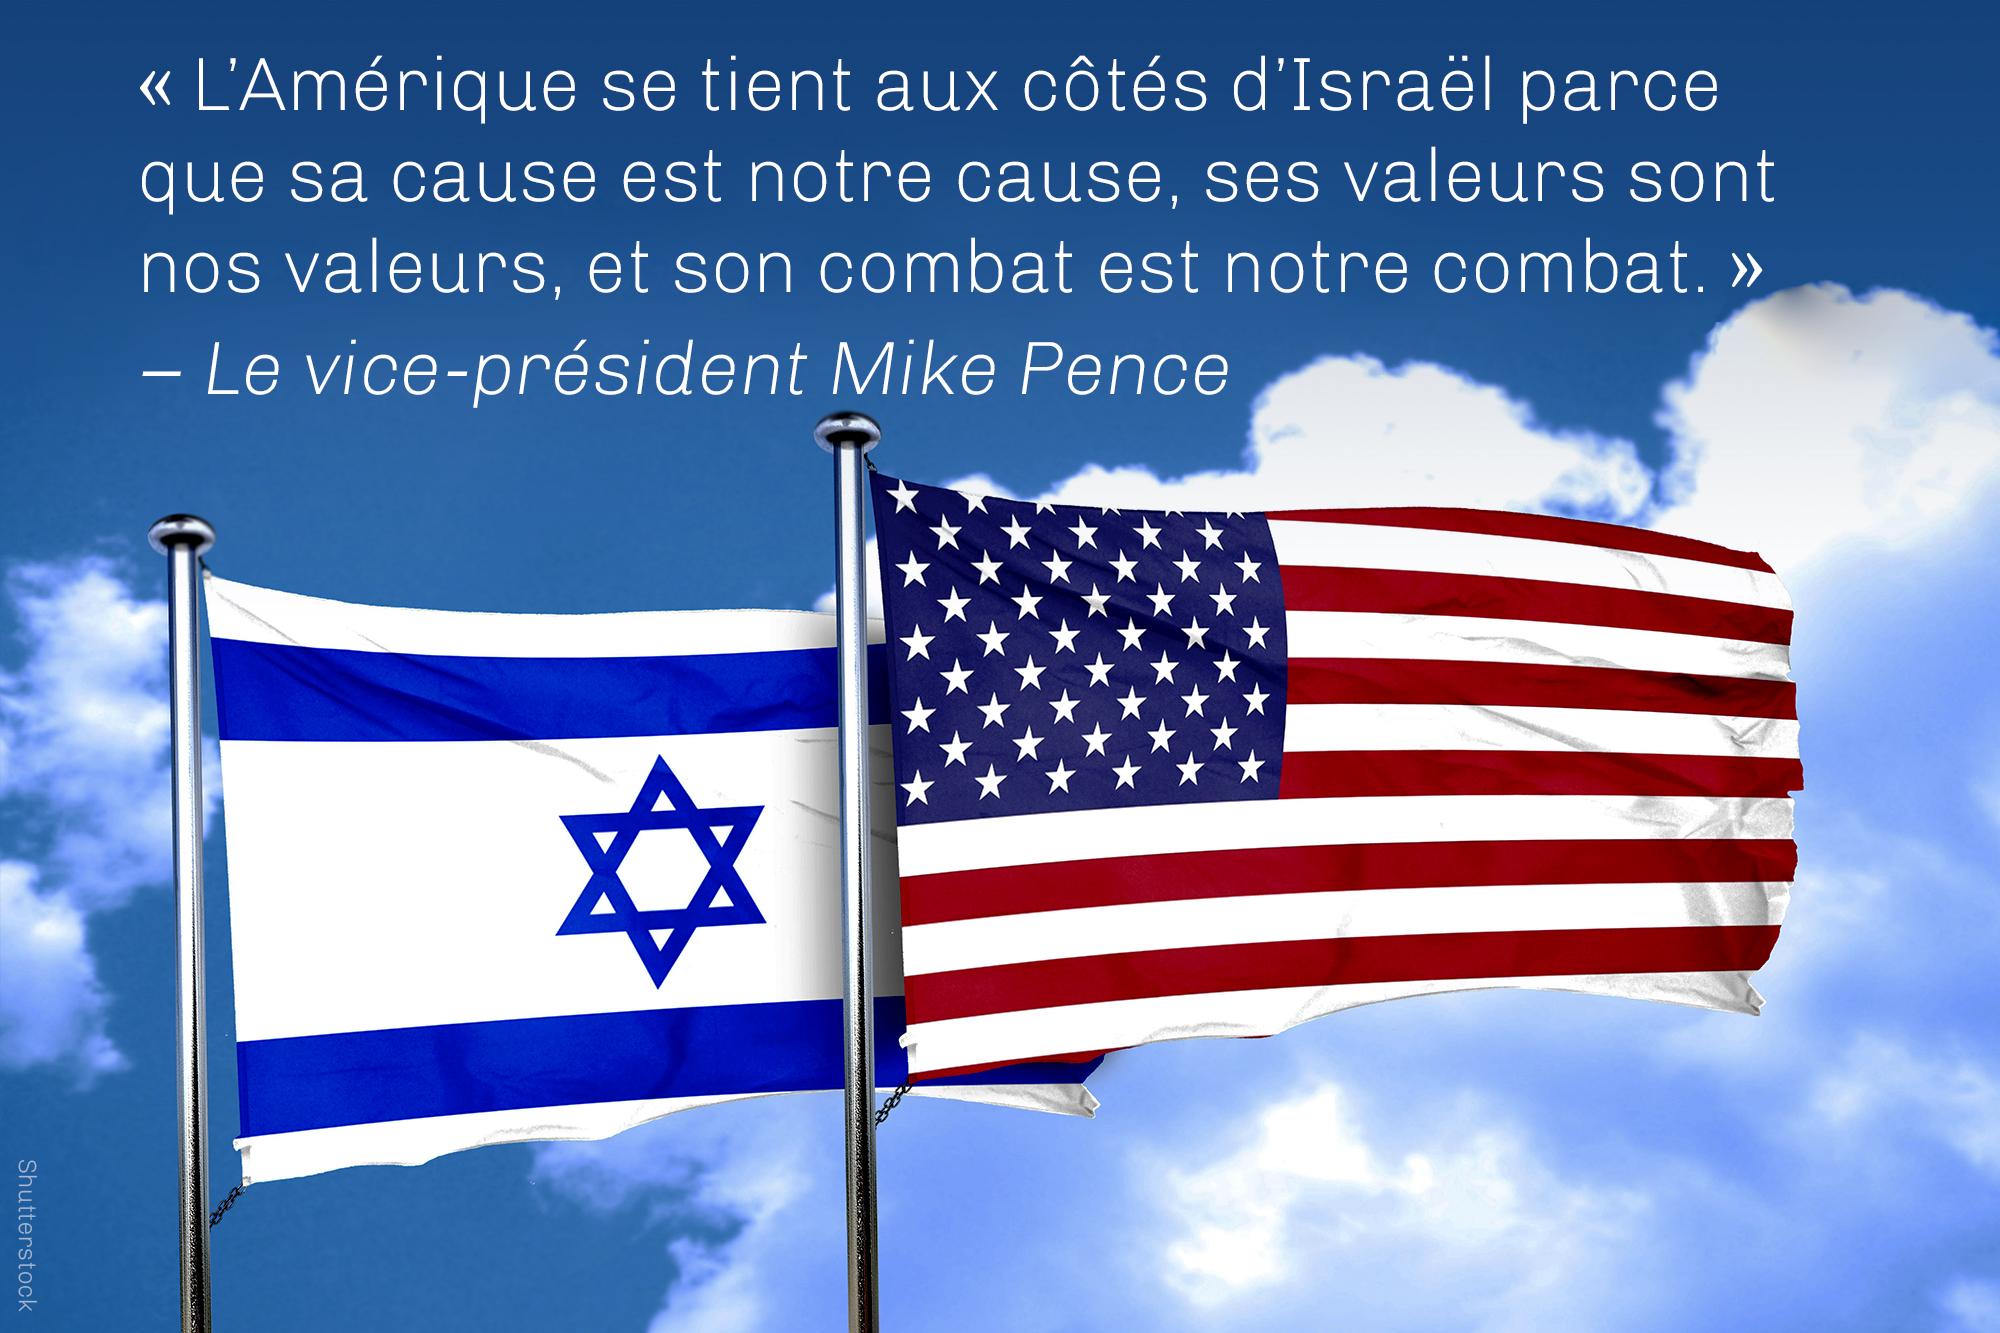 Citation du vice-président Pence à propos des causes et des valeurs communes, sur une photo de drapeaux israéliens et américains (Shutterstock)